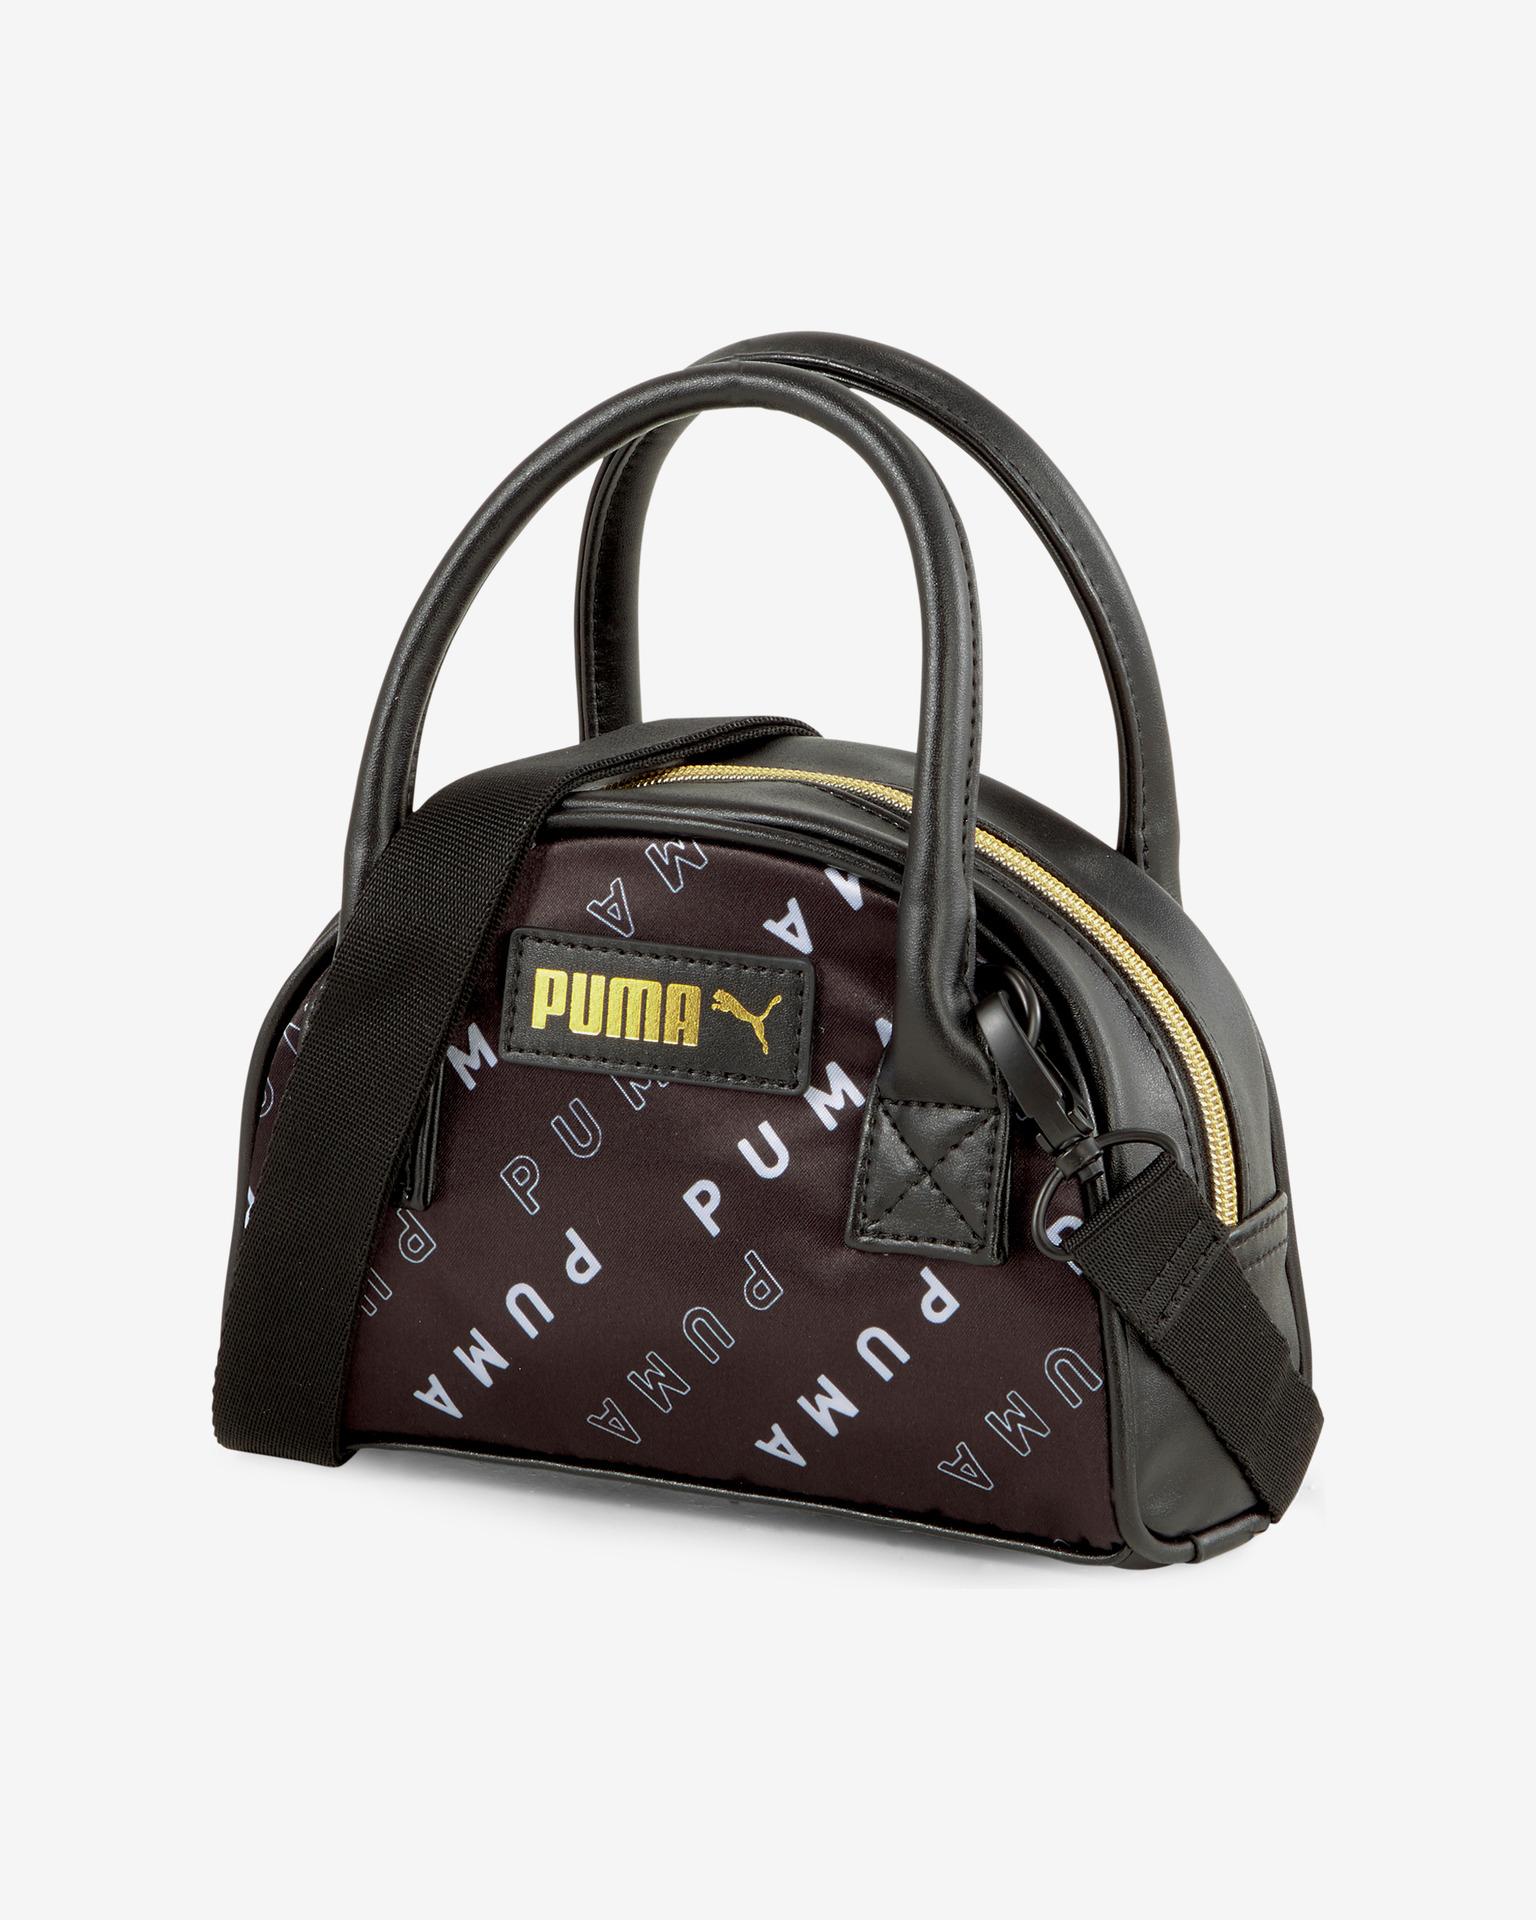 Puma Women's bag black  Classics